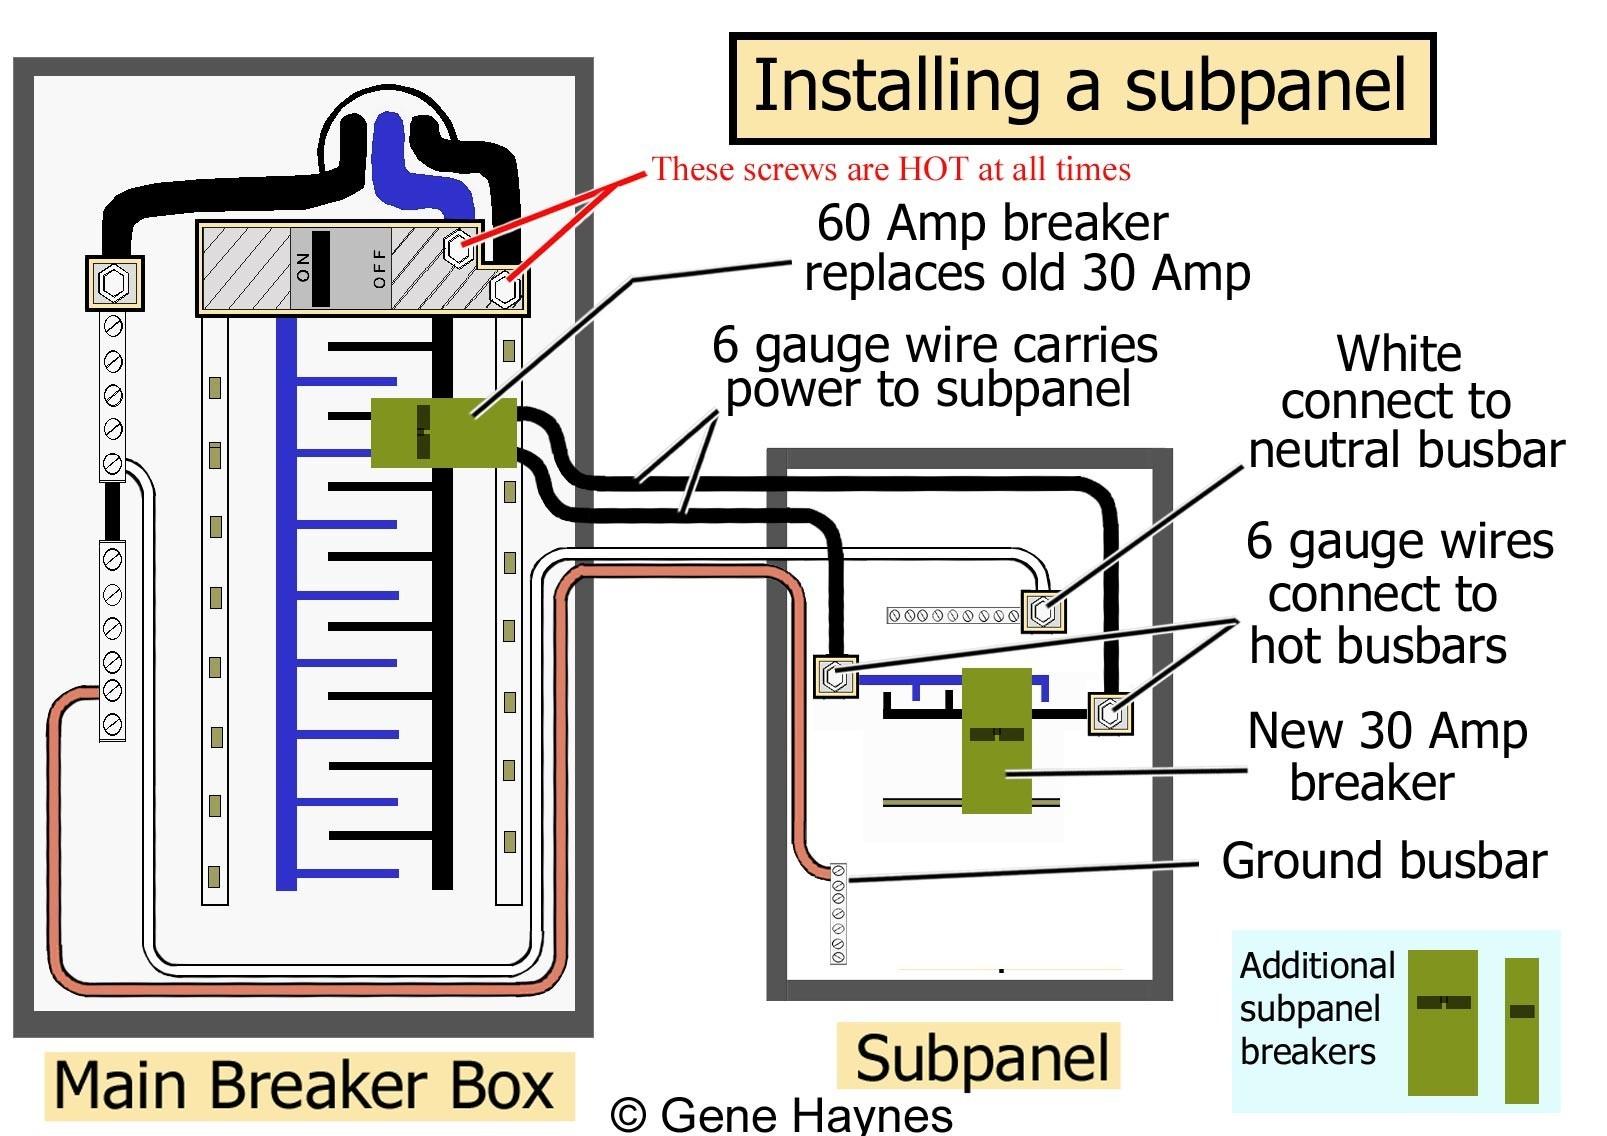 100 amp sub panel wiring diagram wiring diagram image rh mainetreasurechest com